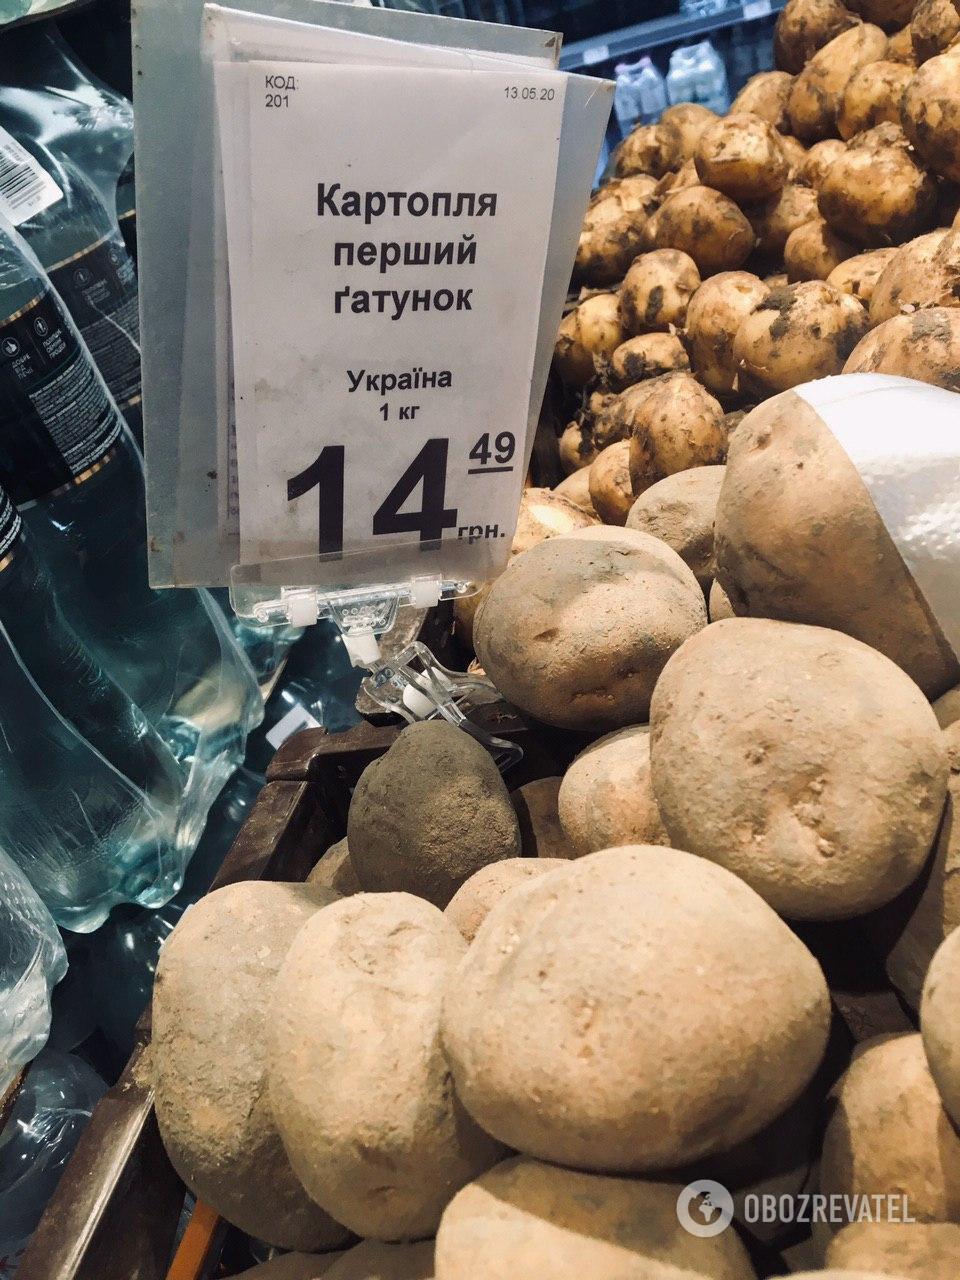 Картошка стала дешевле